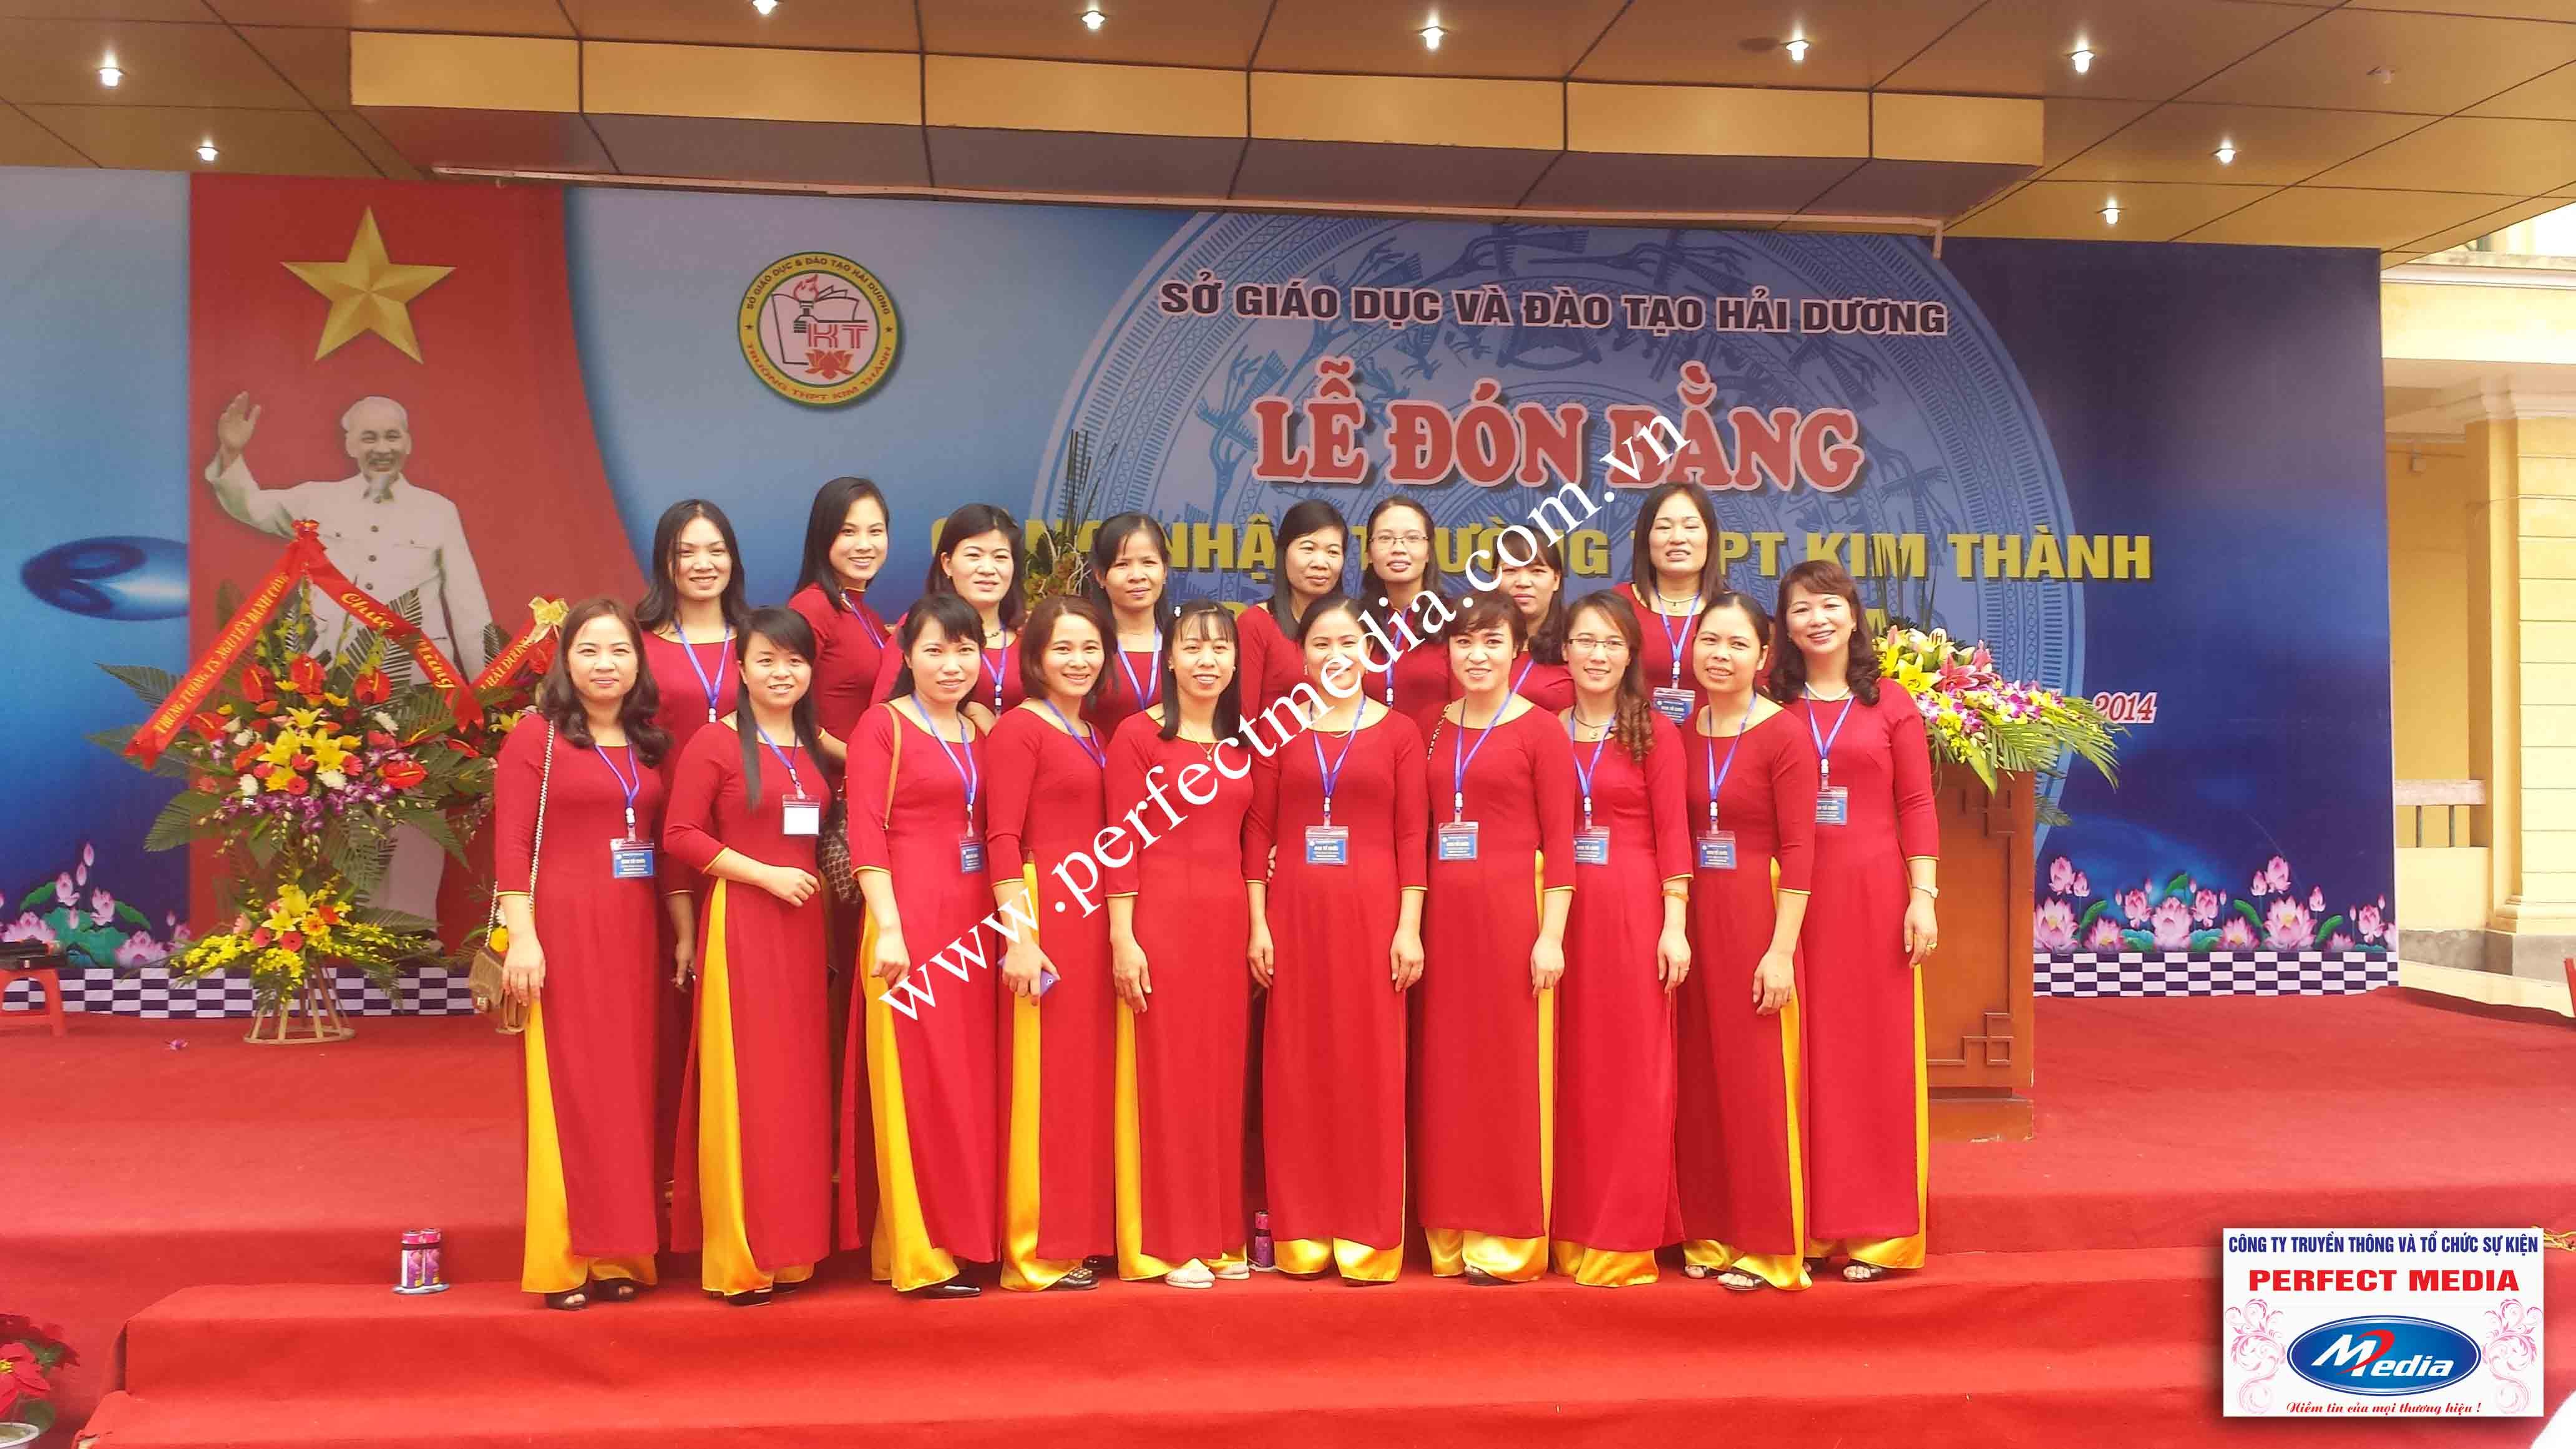 Hình ảnh buổi lễ Trường THPT Kim Thành được công nhận đạt chuẩn Quốc Gia 14